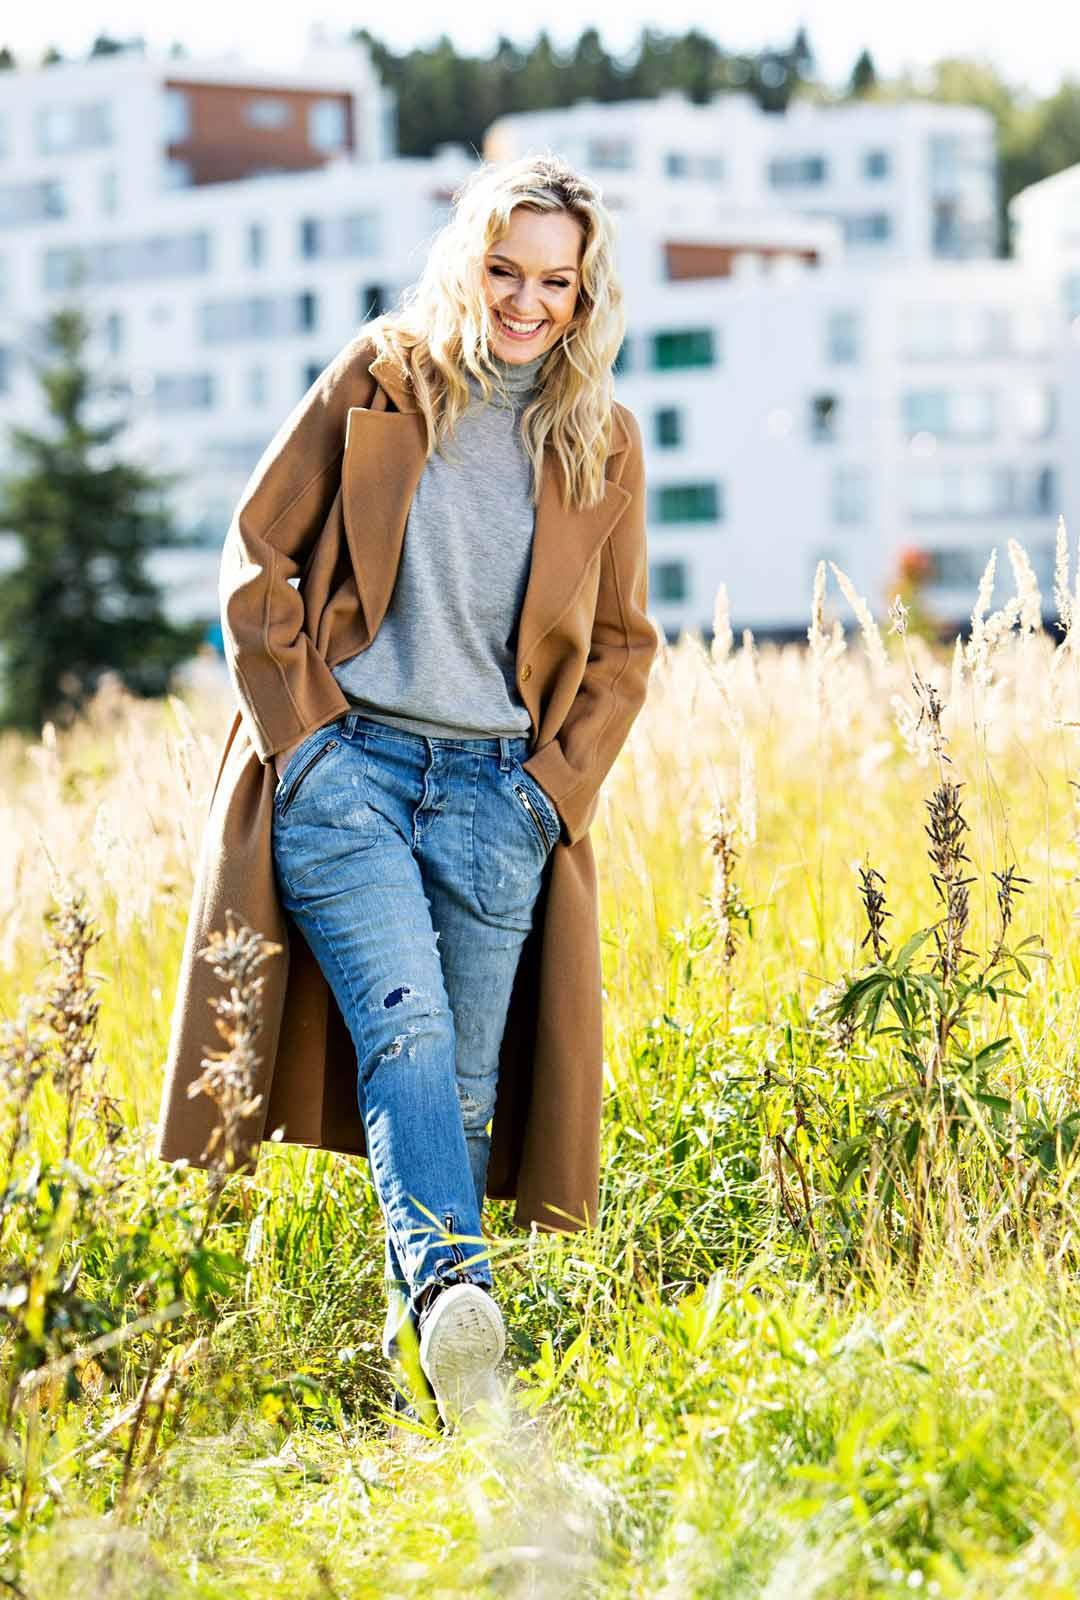 Kesällä Anu kuvasi Pertsa ja Kilu -elokuvaa ja seuraavaksi alkaa Sorjonen-elokuvan kuvaukset. Sorjosen ansiosta hänelle tulee lähes päivittäin yhteydenottoja faneilta ympäri maailmaa.